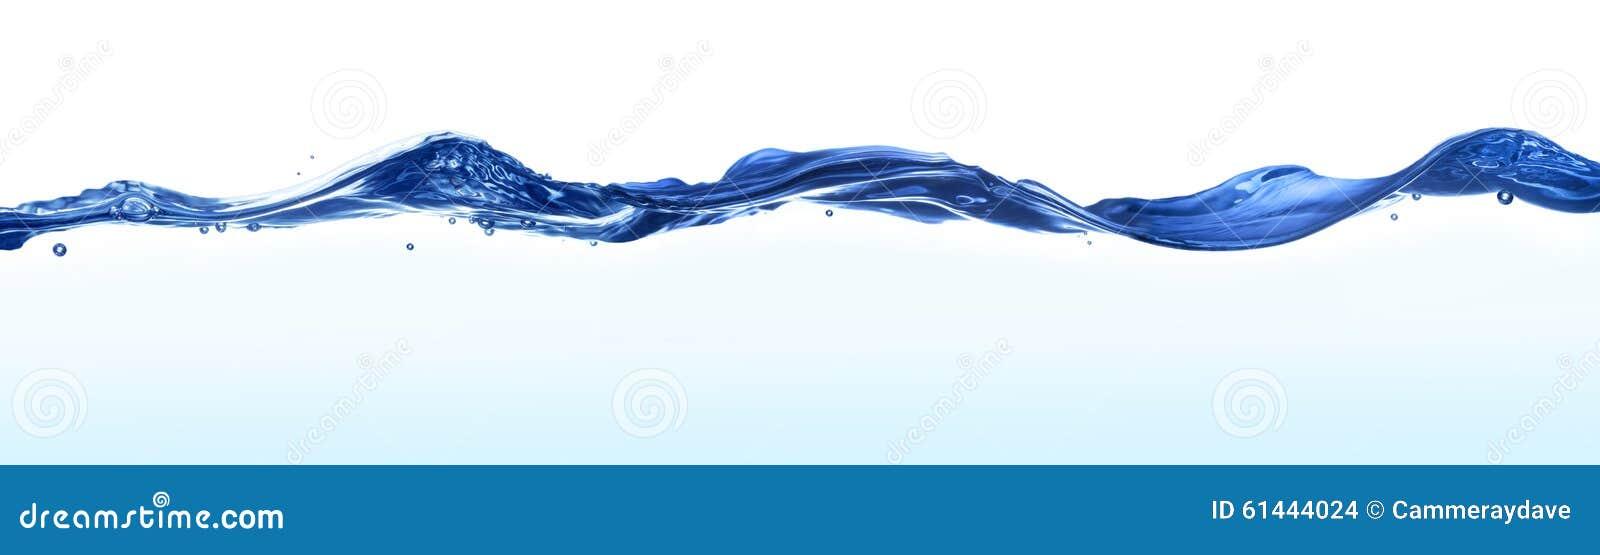 Wellen-Wasser-Fahnen-Hintergrund